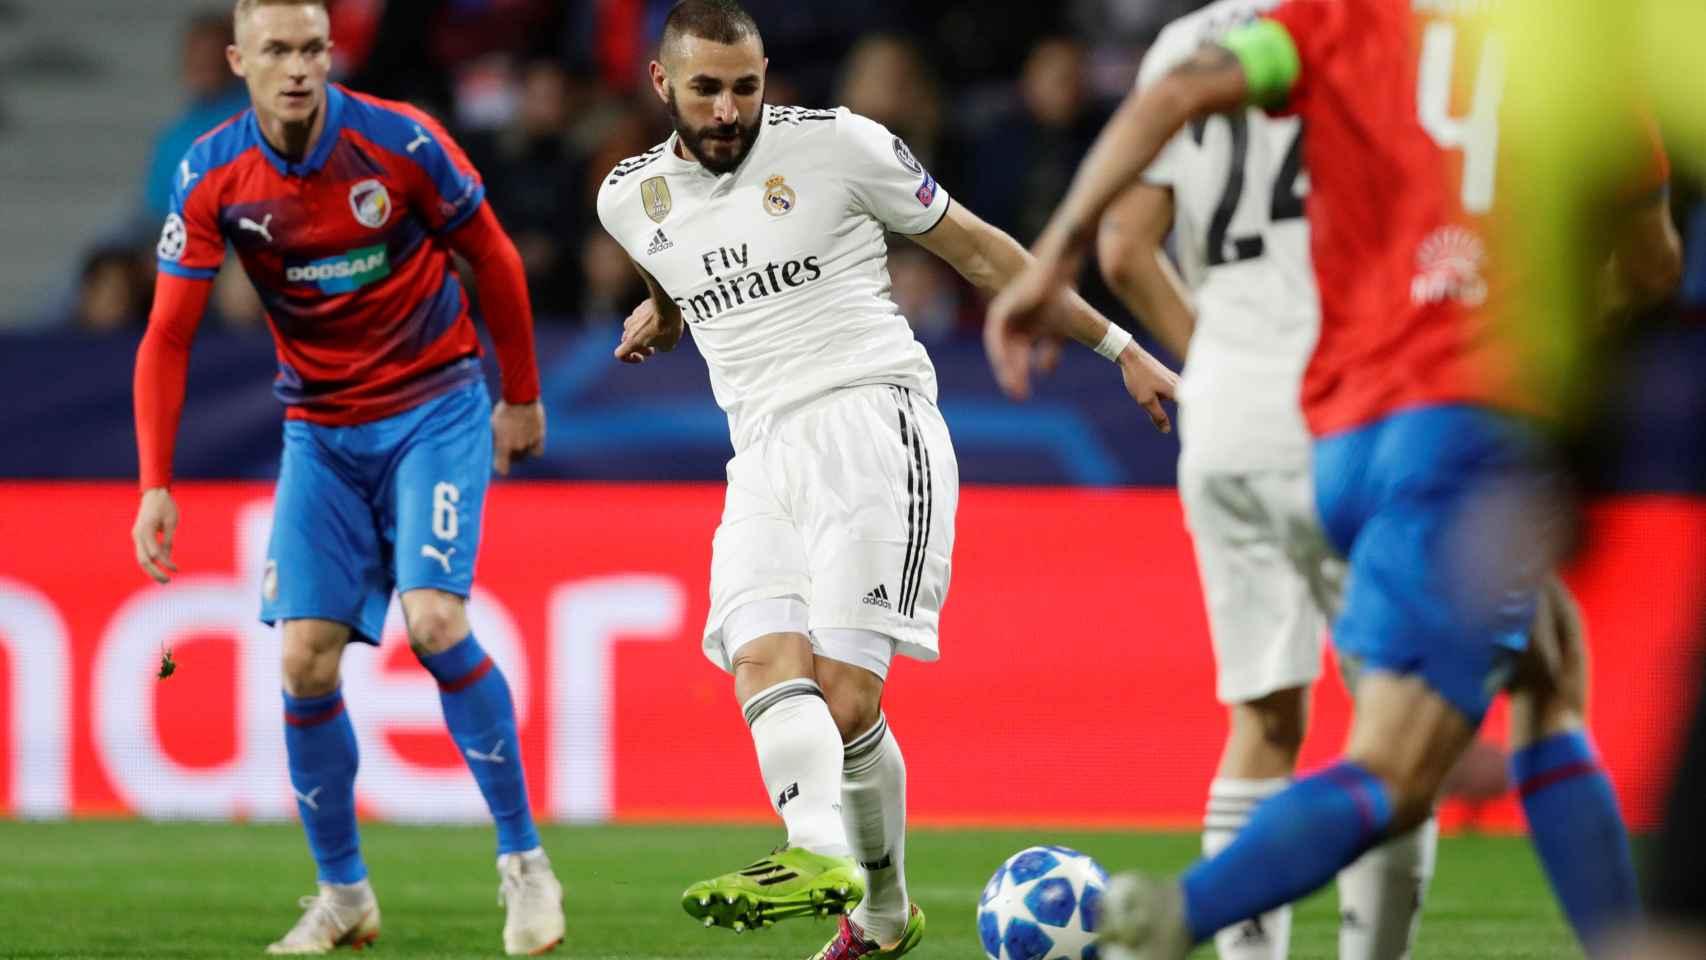 Benzema remata a puerta en su primer tanto ante el Viktoria Pilsen